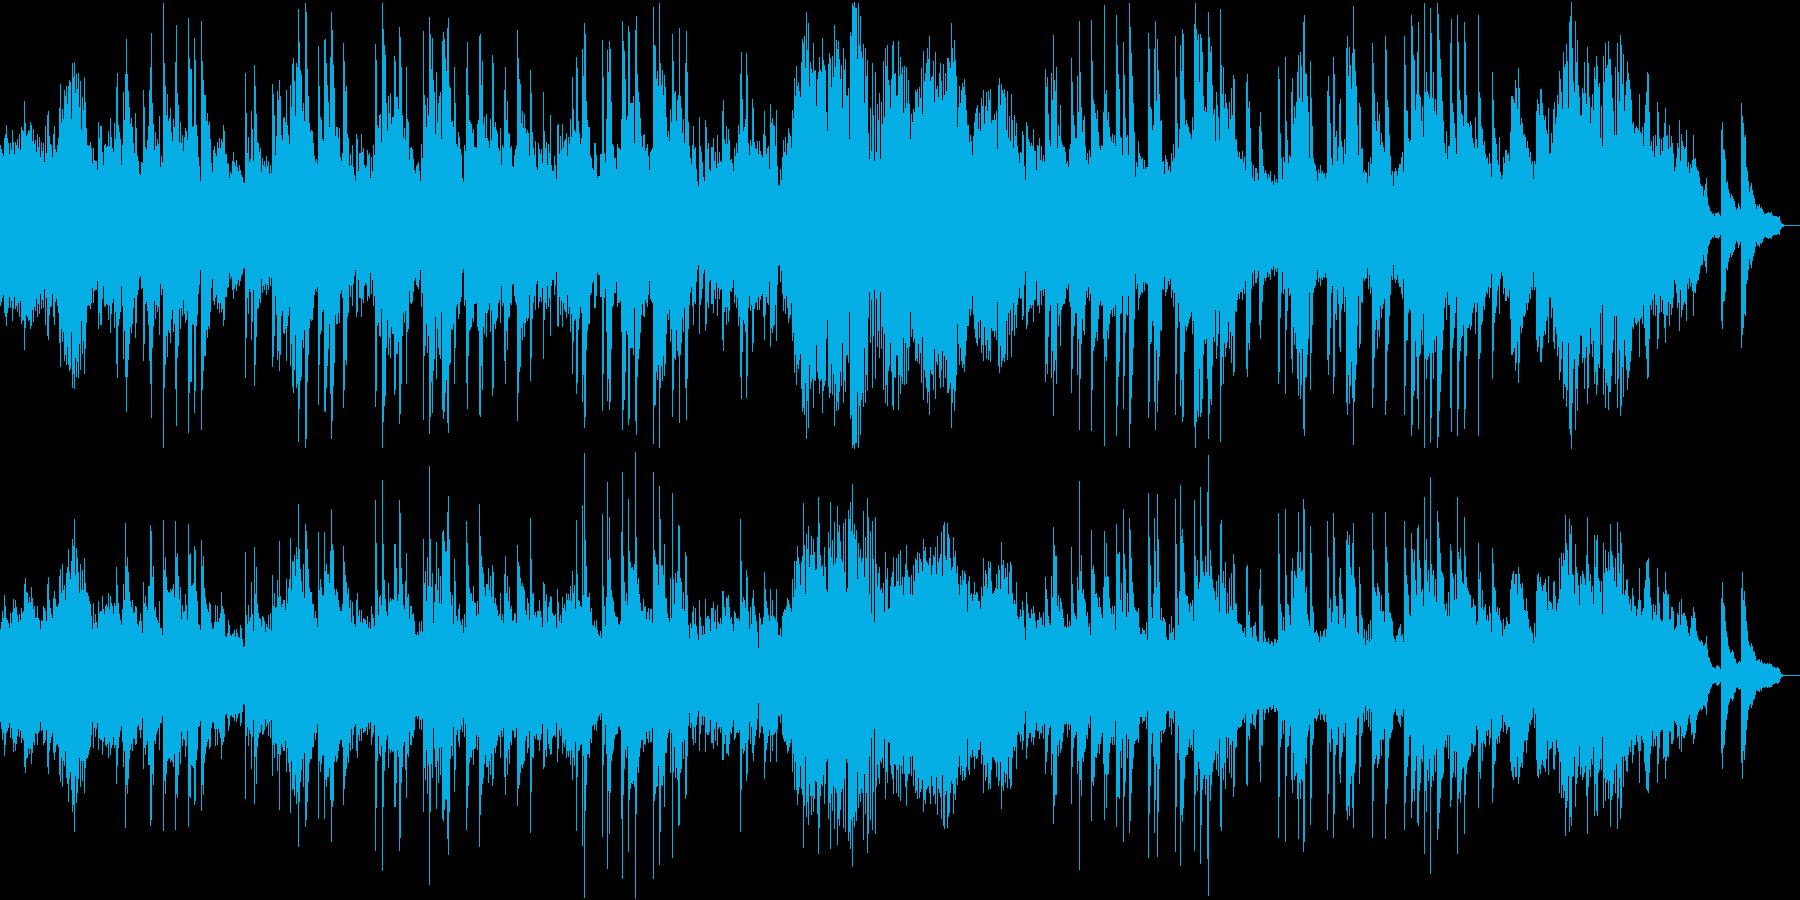 ベートーヴェンのピアノソナタ第14番の再生済みの波形